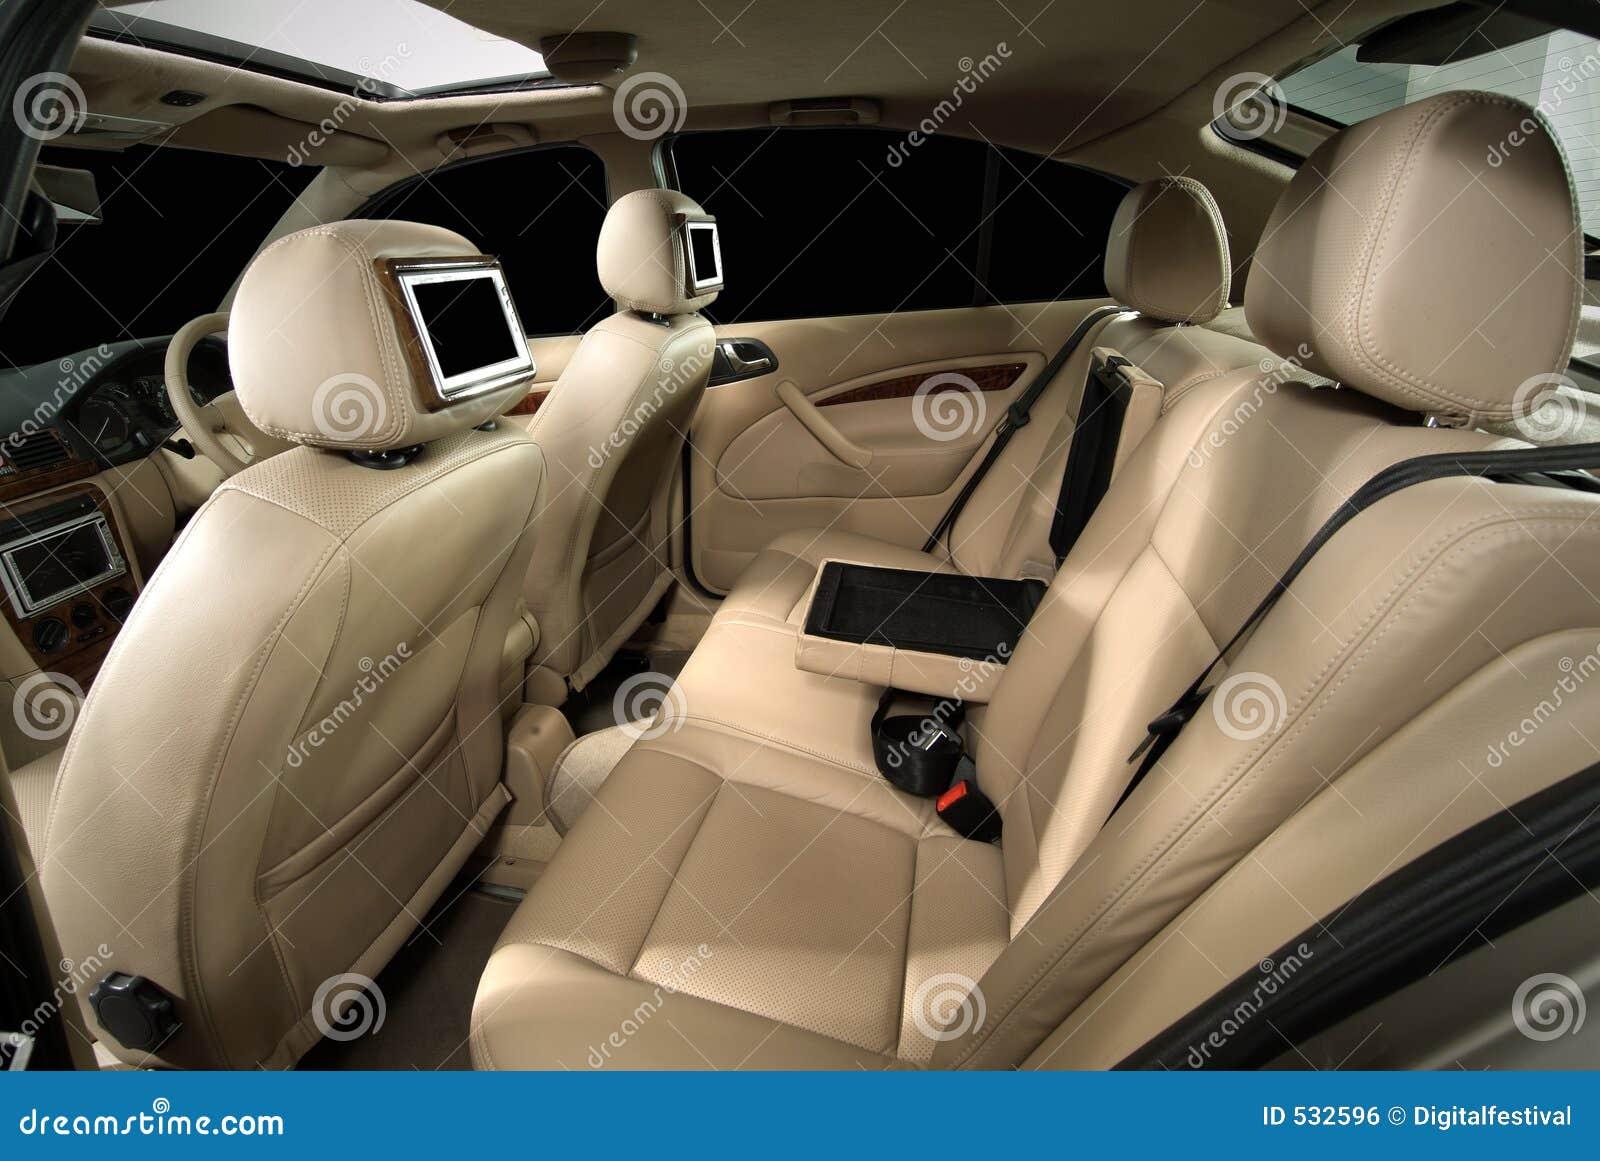 Adattamento dell interiore dell automobile del progettista